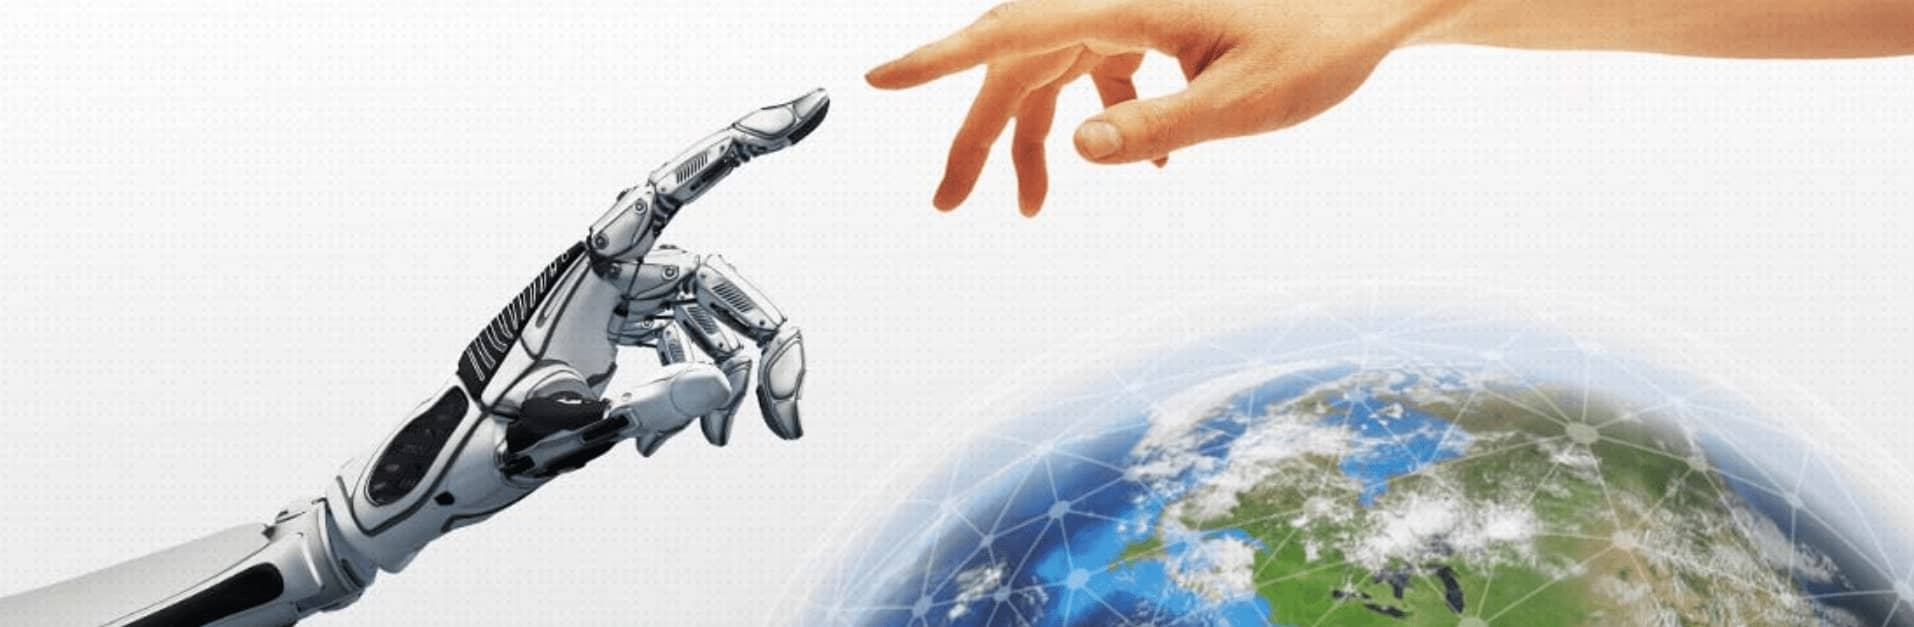 Liderança 4.0: O Que É e Porque implementar na Empresa?